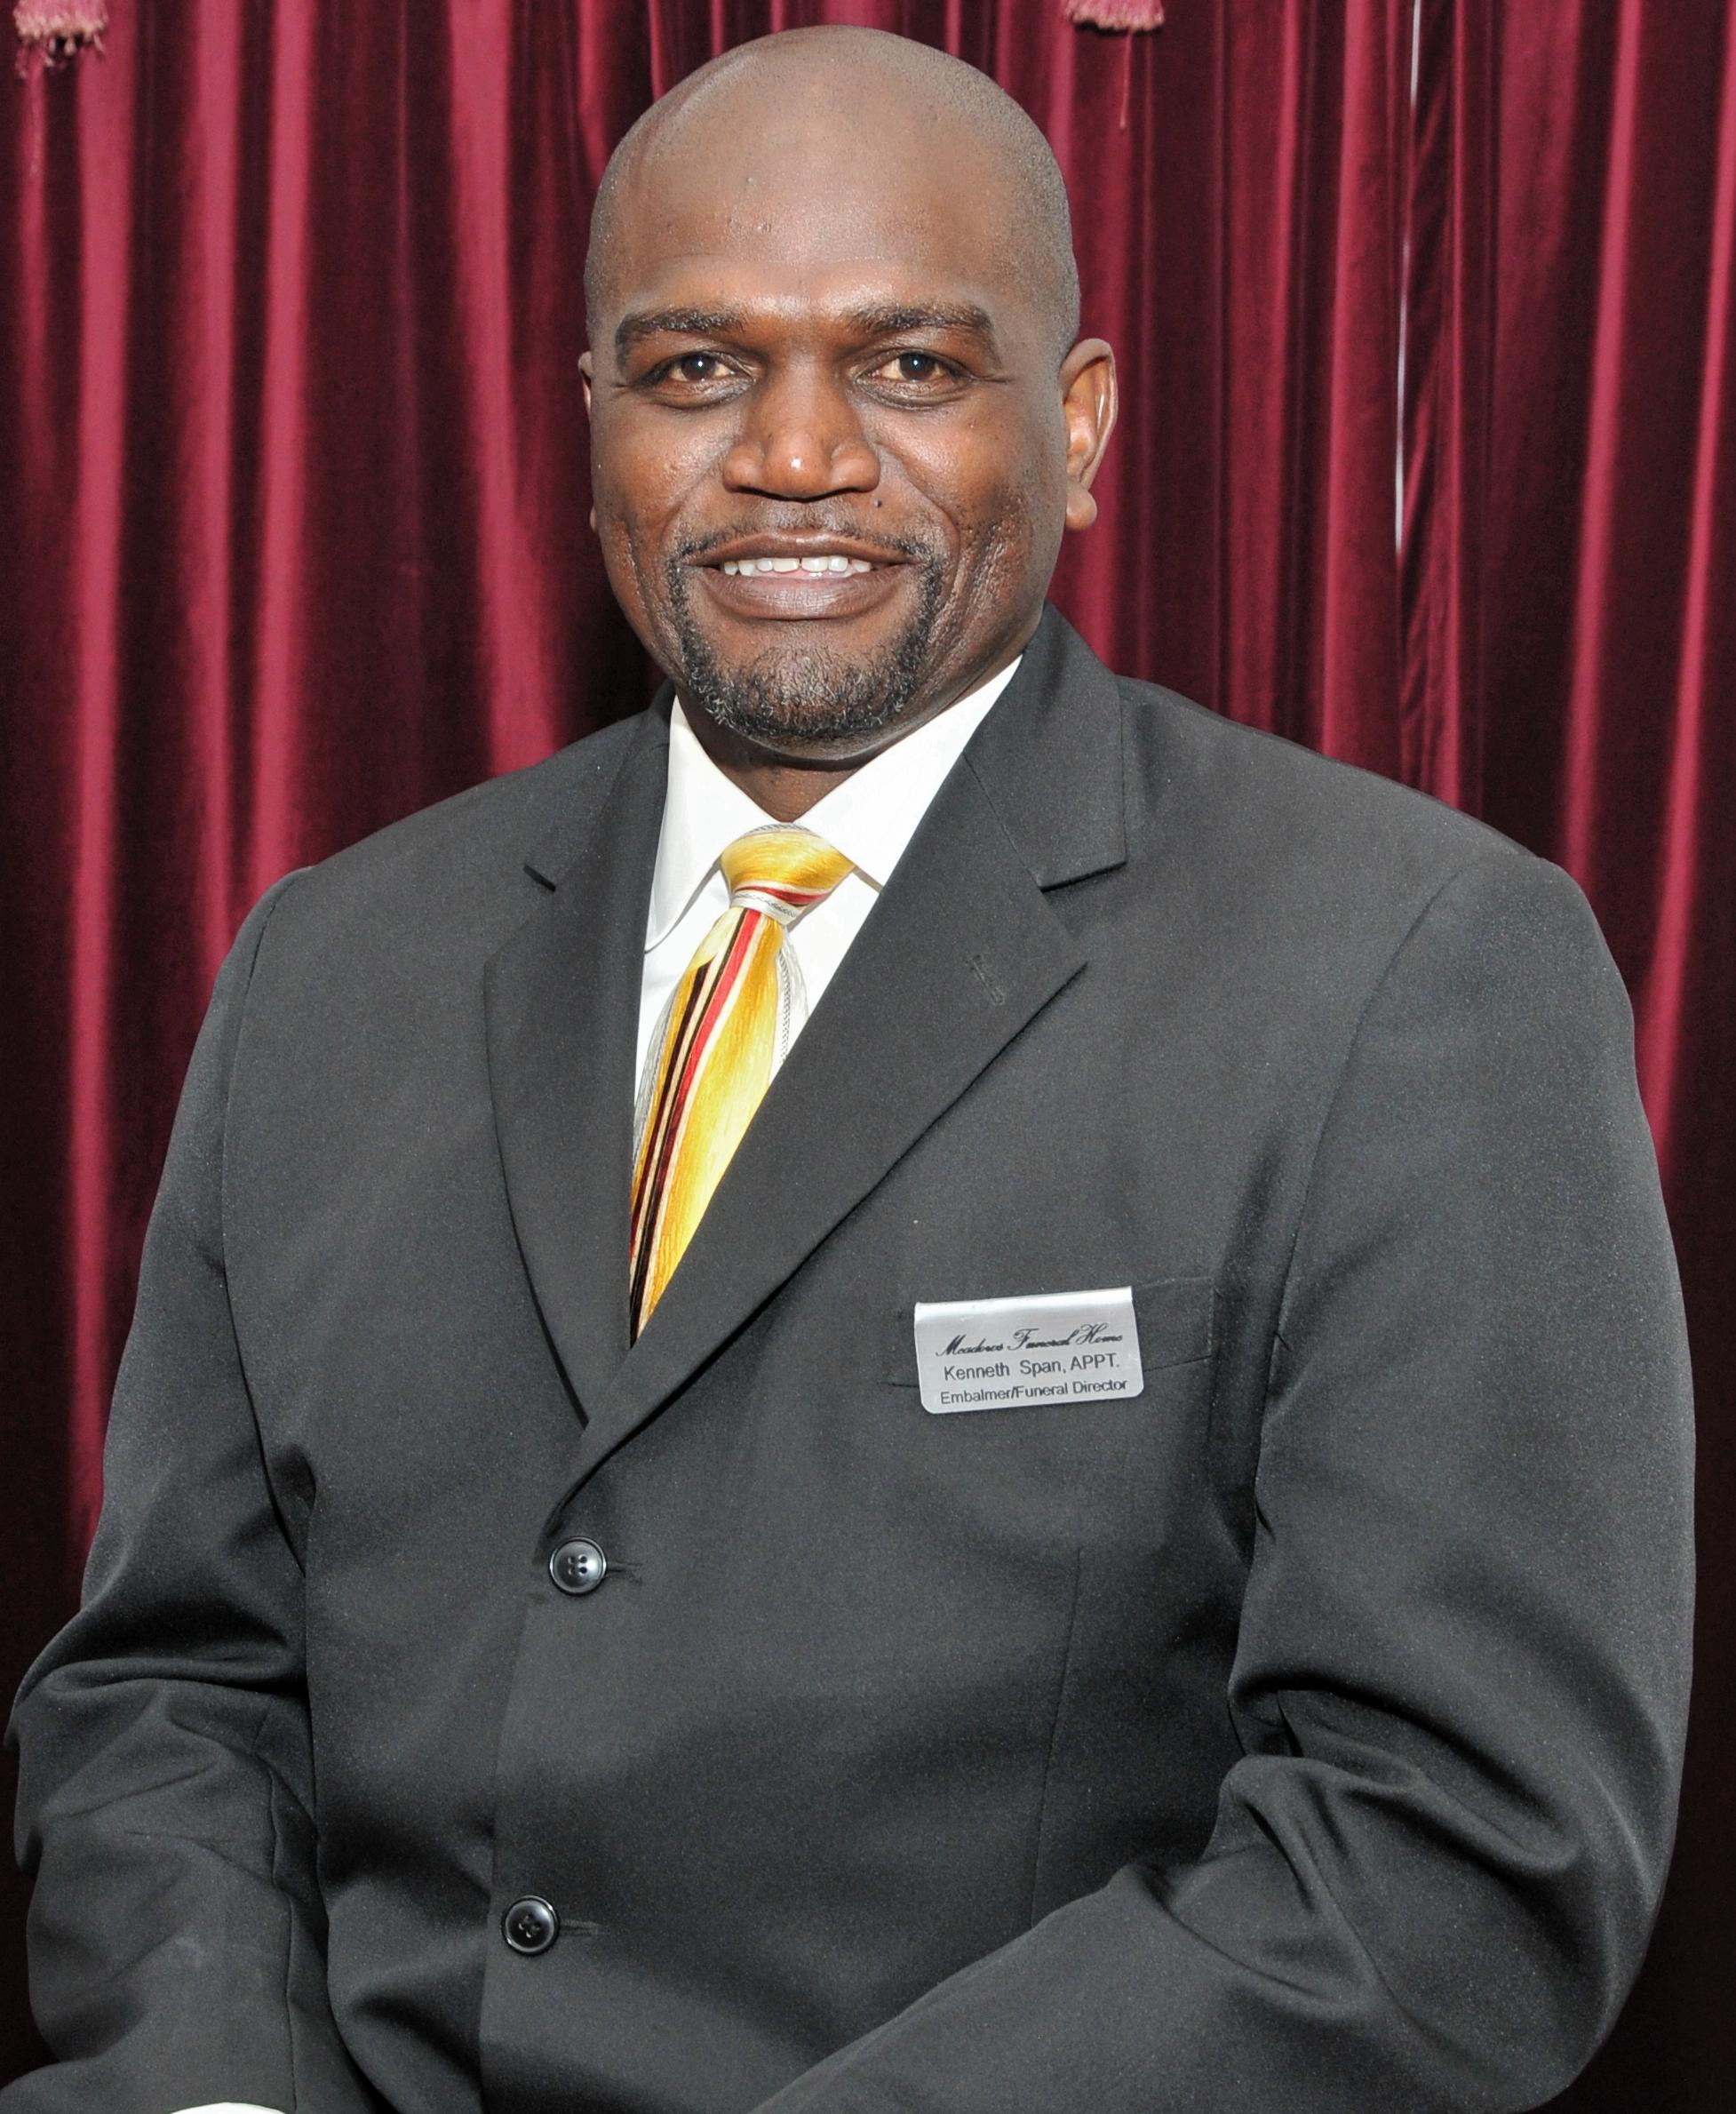 Mr. Kenneth B. Span